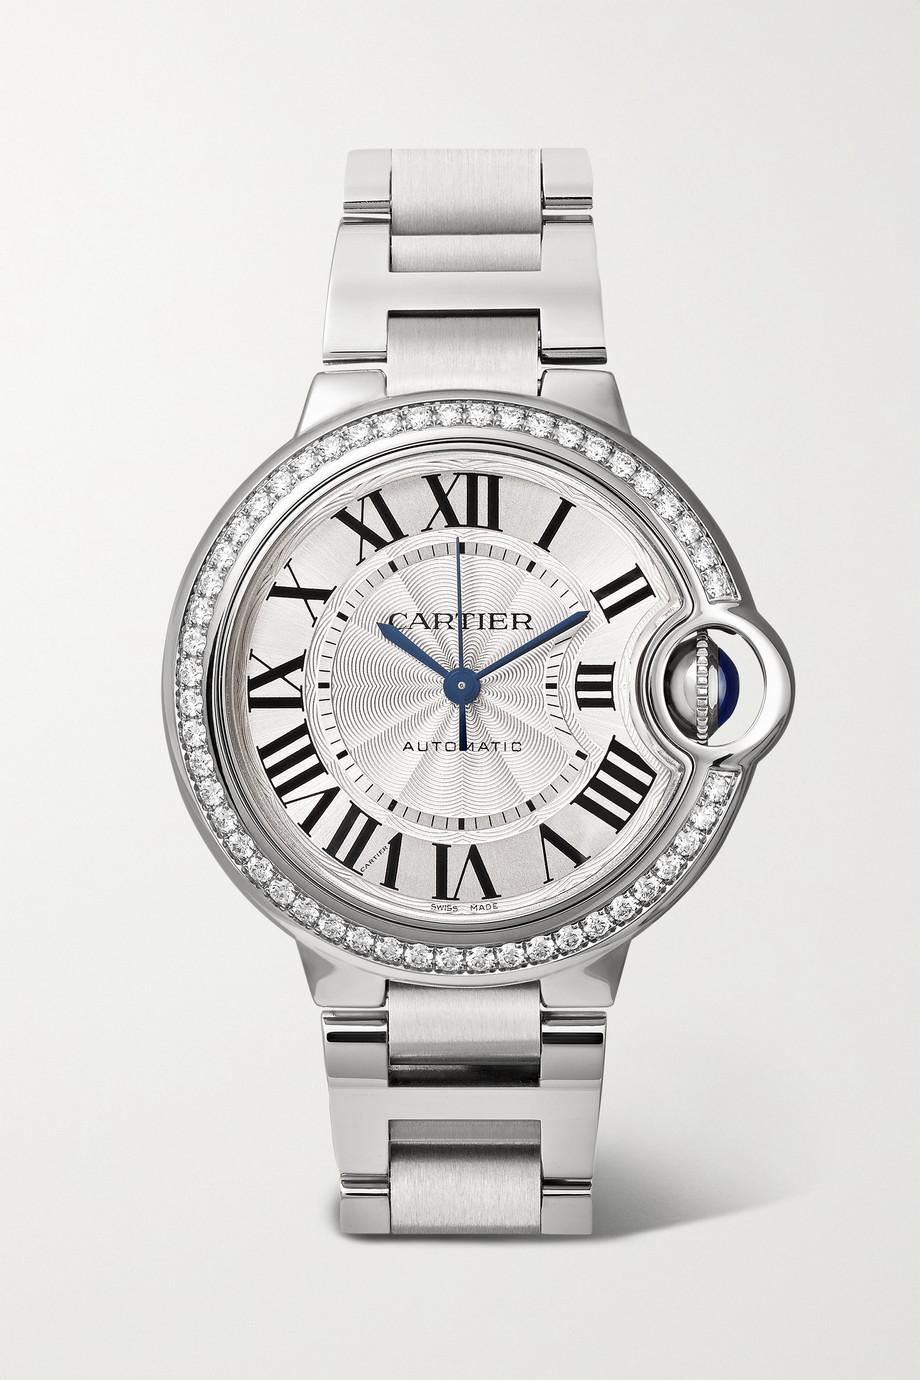 Cartier Ballon Bleu de Cartier Automatic 33 毫米钻石精钢腕表